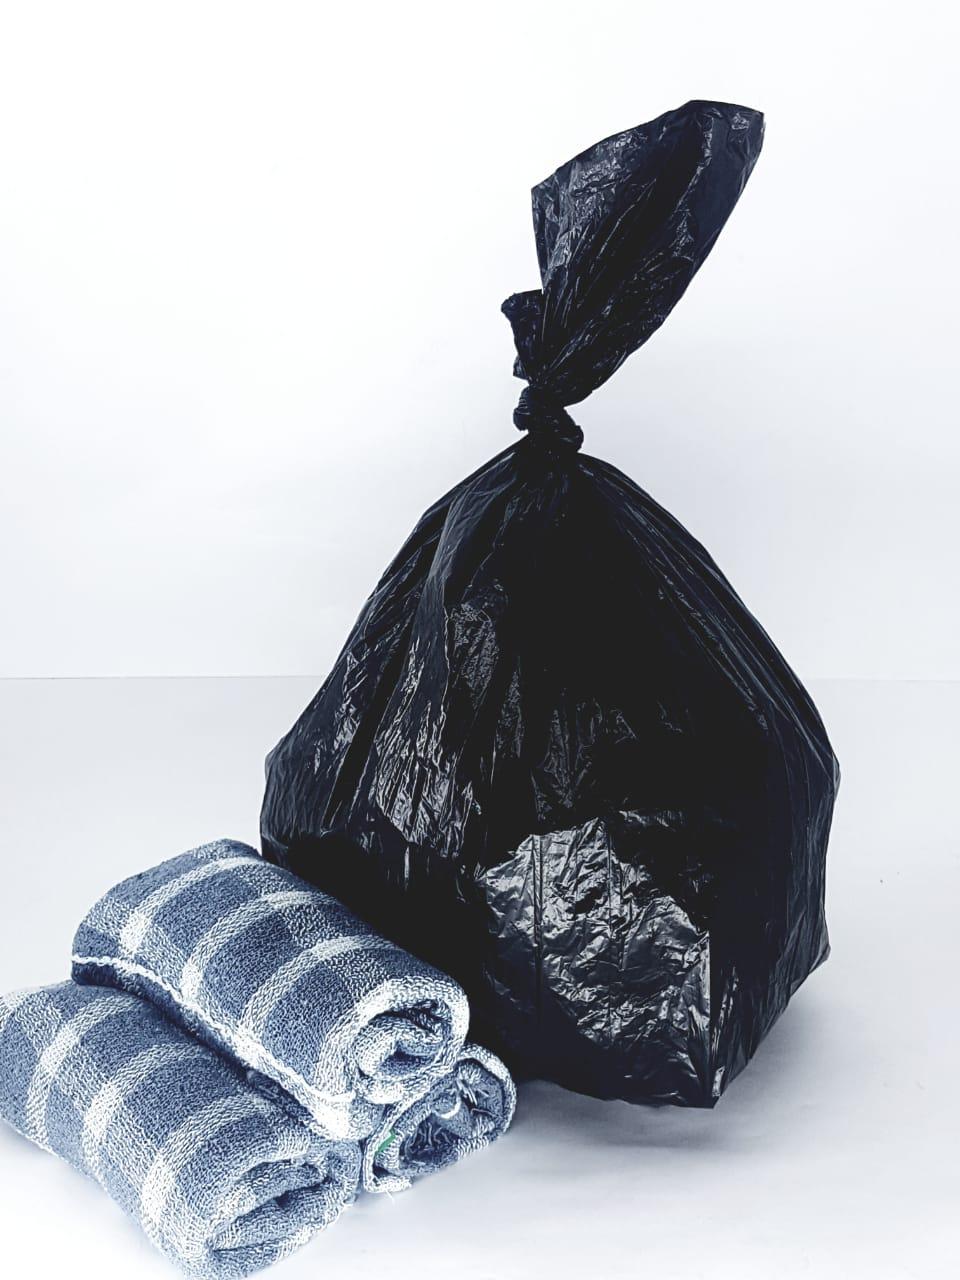 Saco De Lixo Plástico Preto 15 Litros Com 100 Unidades com 3 Panos de chão limpeza